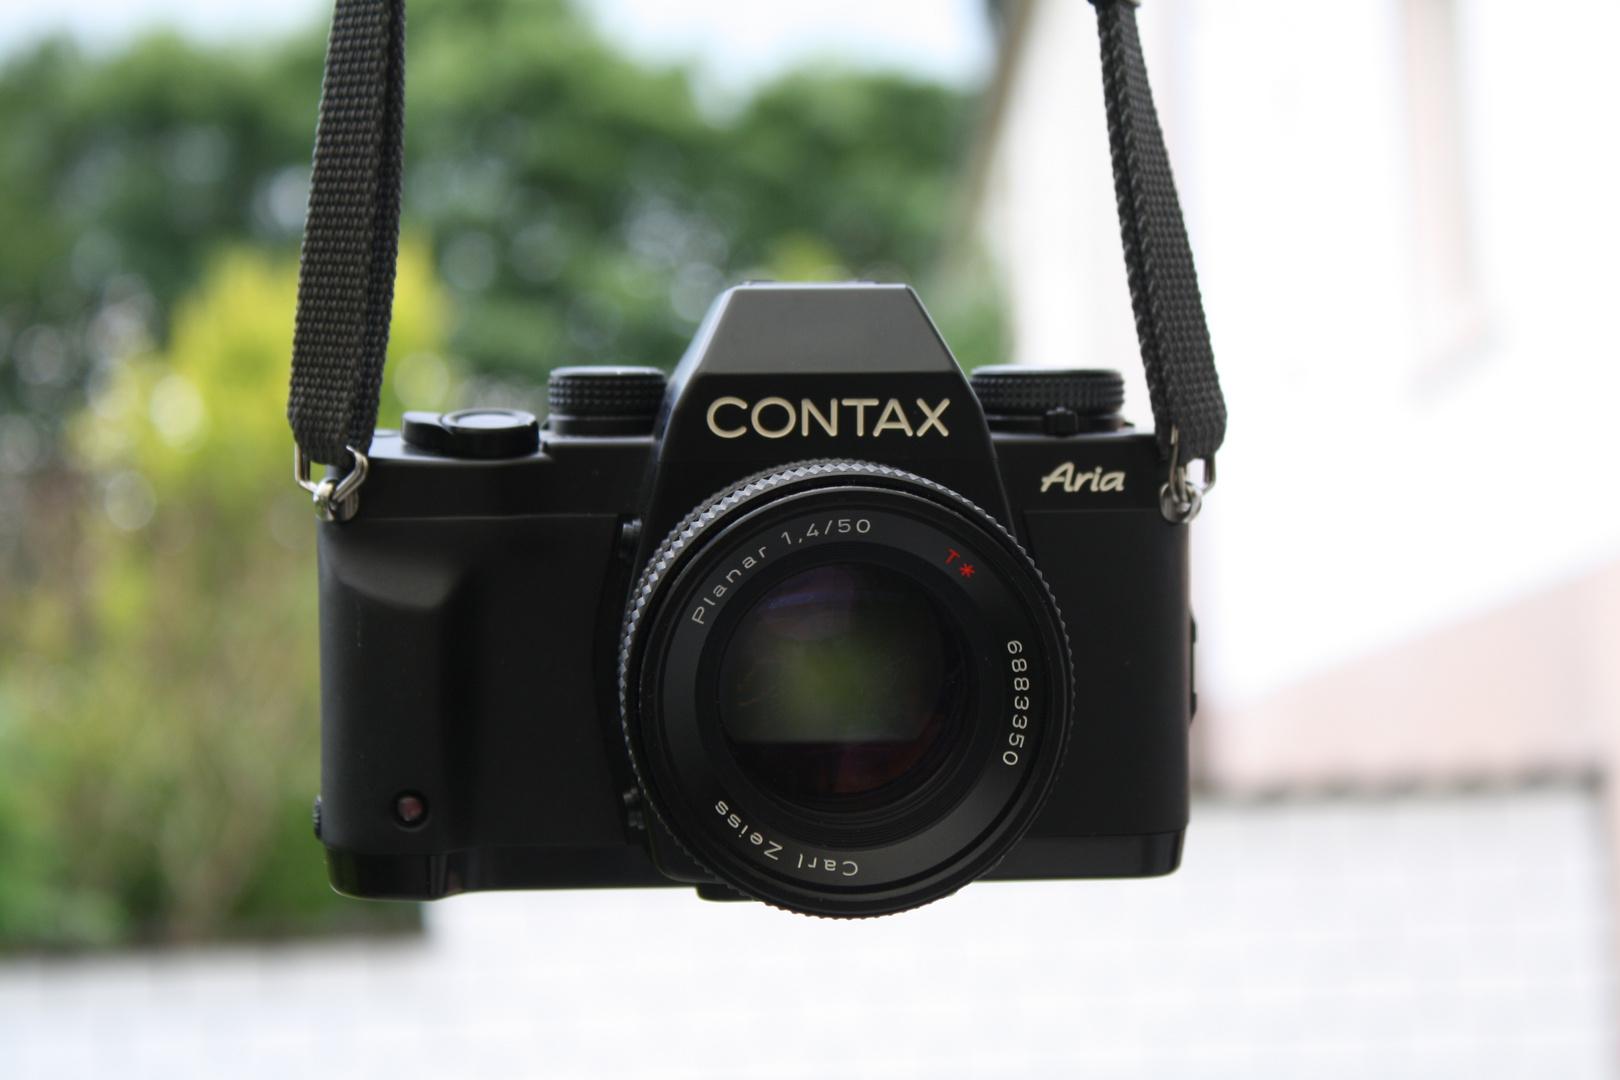 Contax Aria